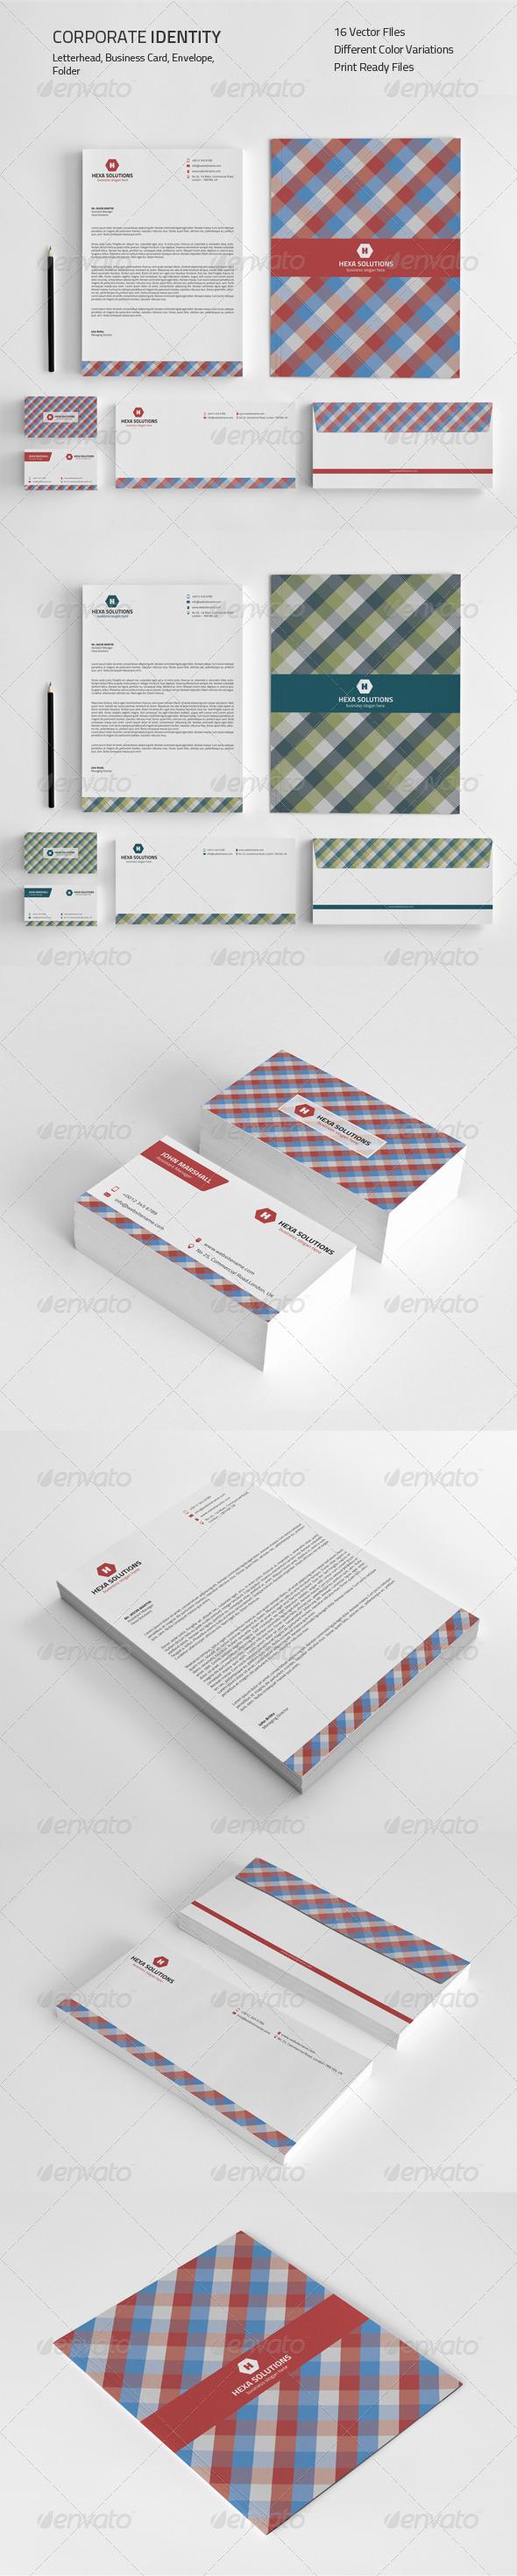 GraphicRiver Corporate Identity 02 8638830